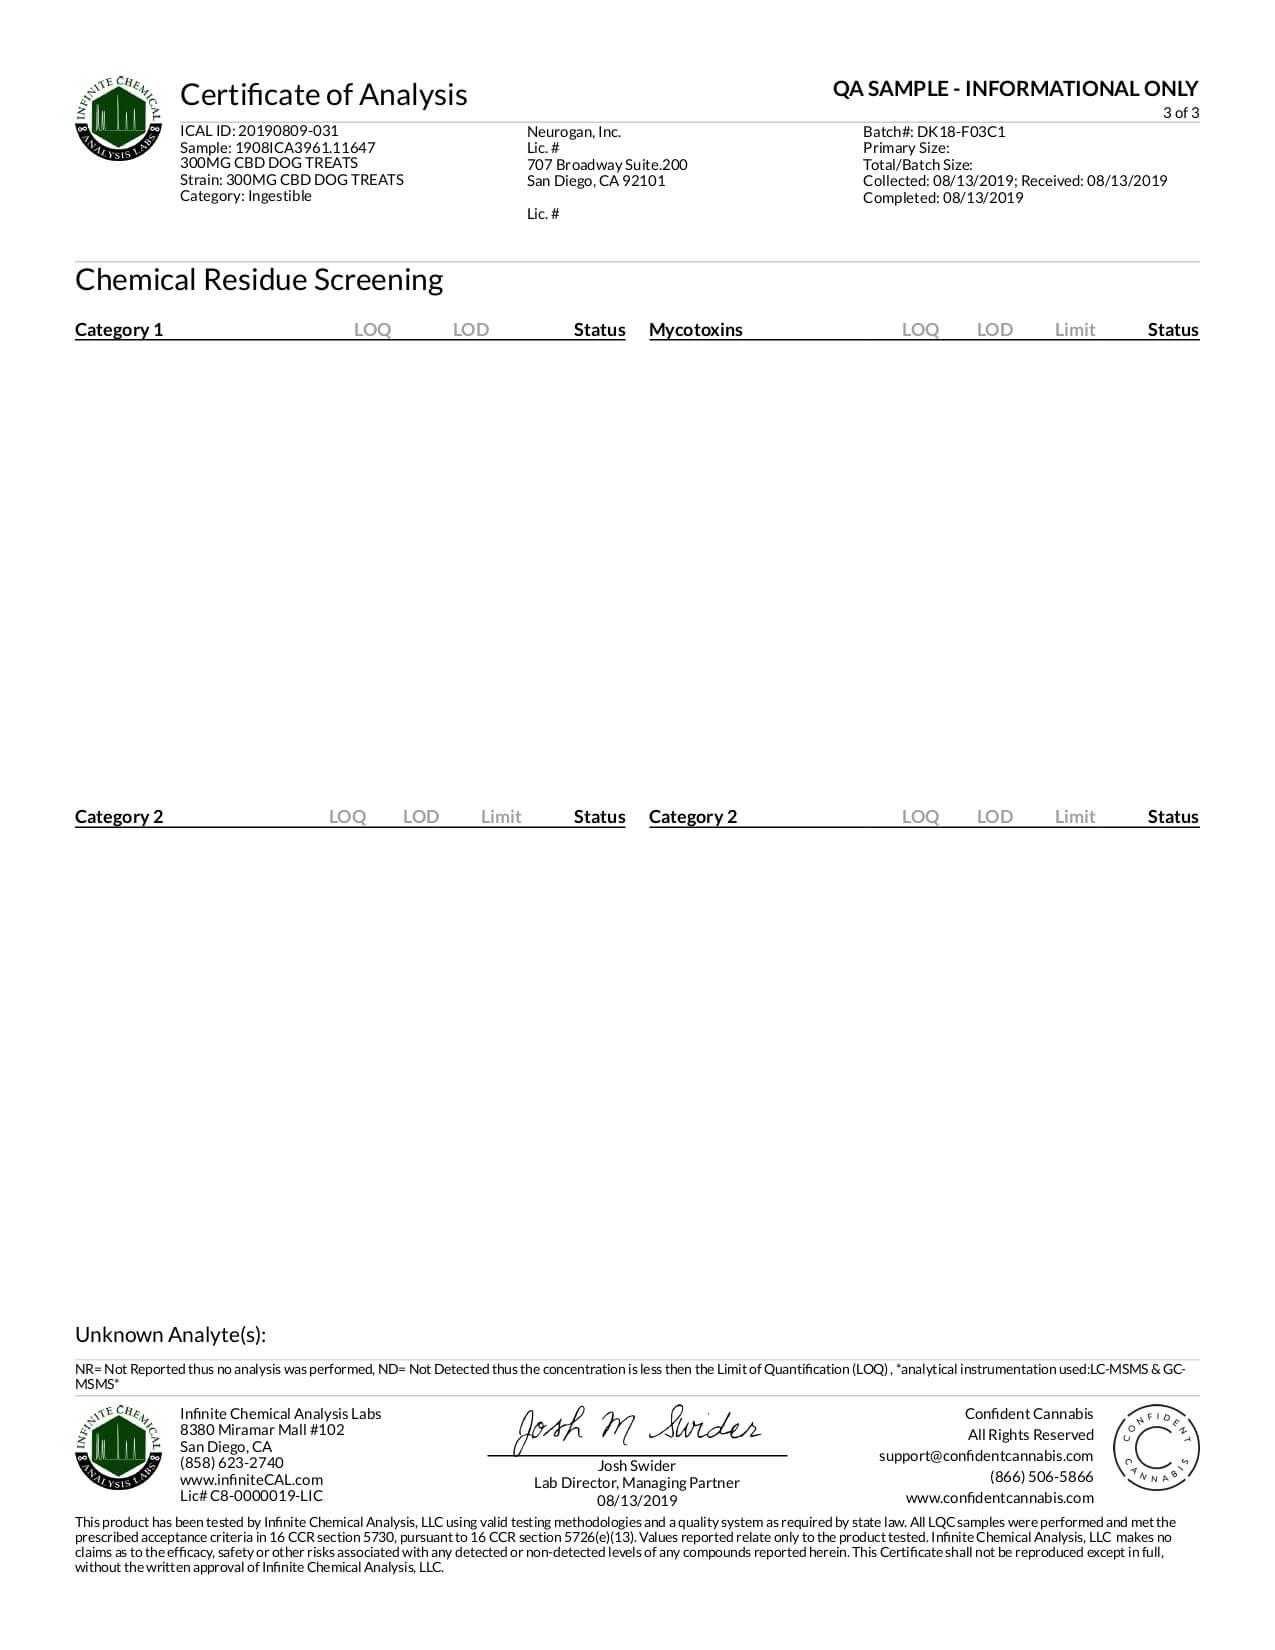 Neurogan, Inc. CBD Pet Treat Full Spectrum Dog Treats 300mg Lab Report